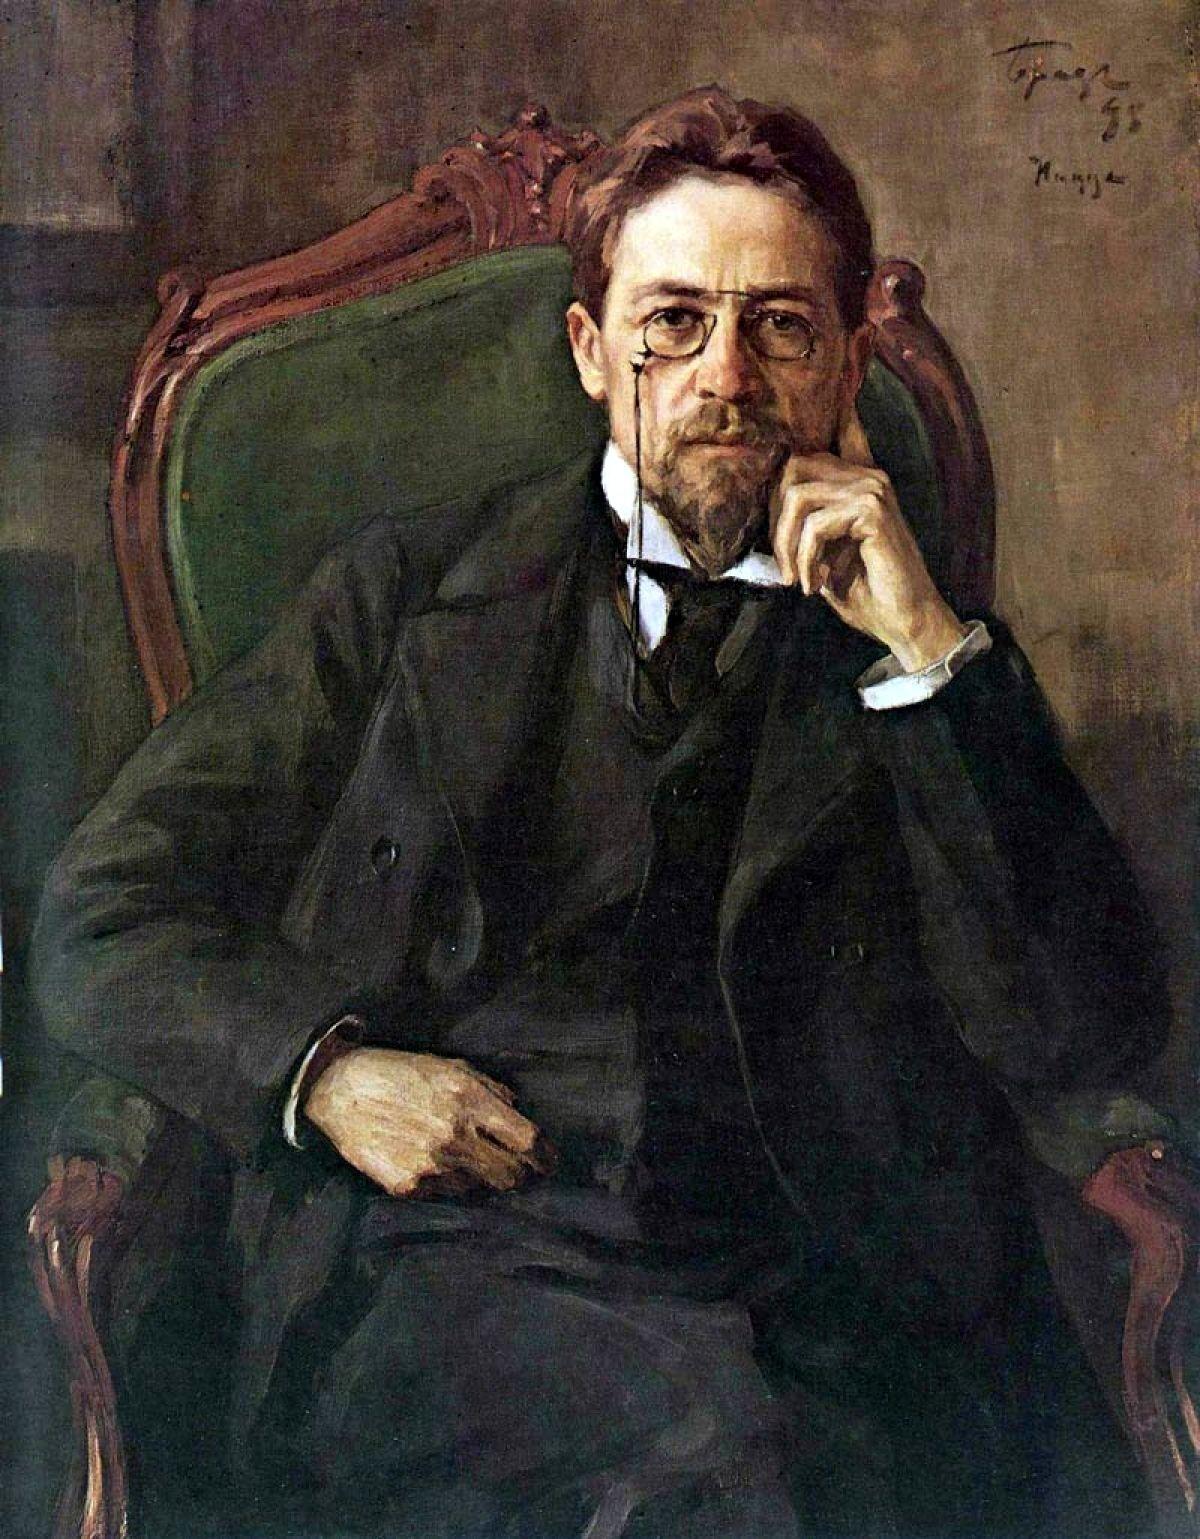 Η συγγραφή του «Γλάρου» από τον Τσέχωφ ολοκληρώθηκε το 1895.